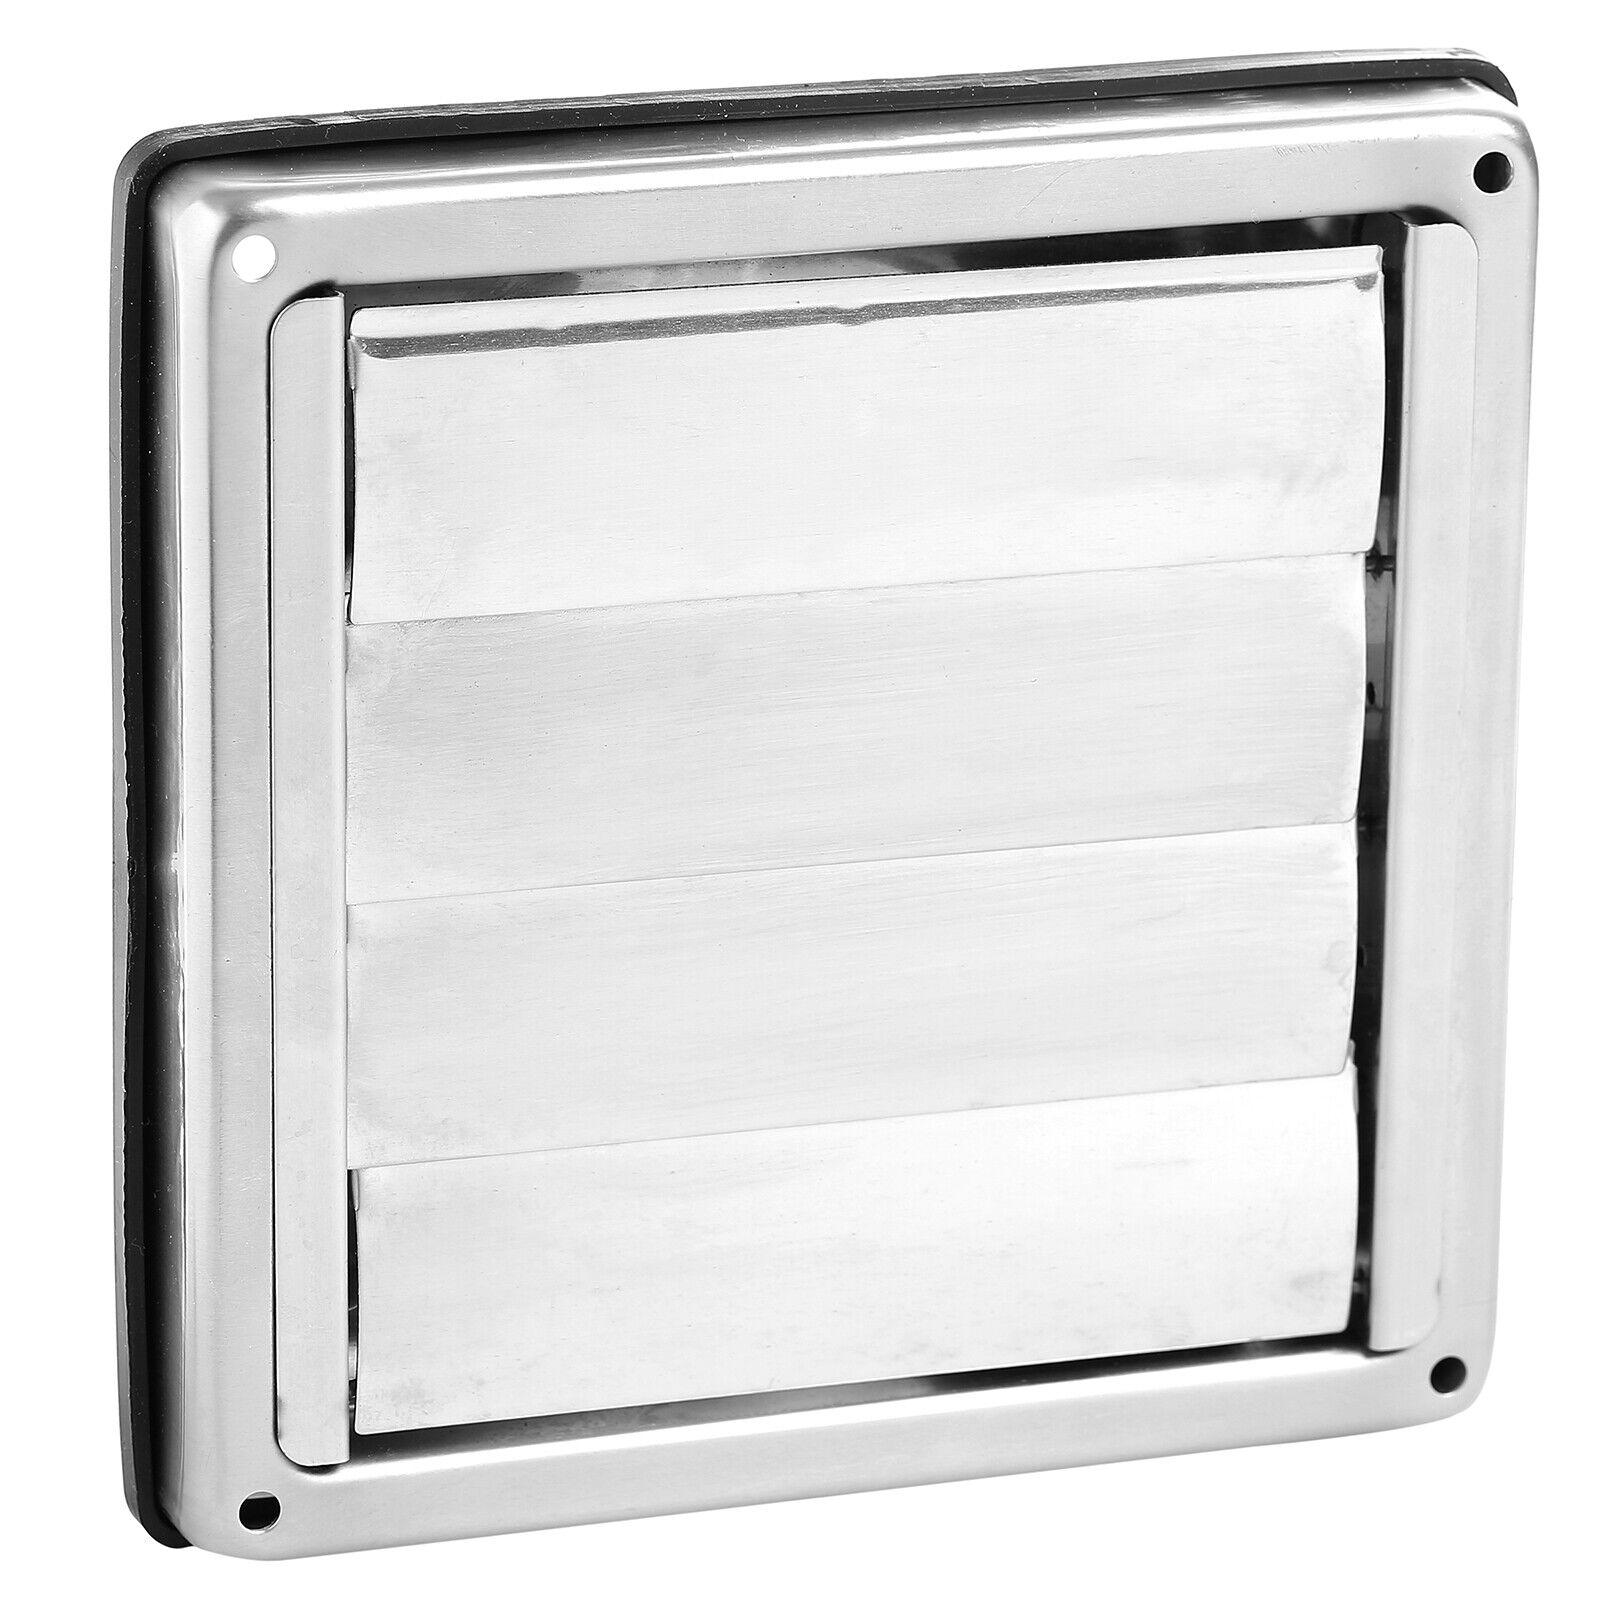 Condenseur vent kit boîte et tuyau pour white knight Crosslee CL447WV sèche-linge